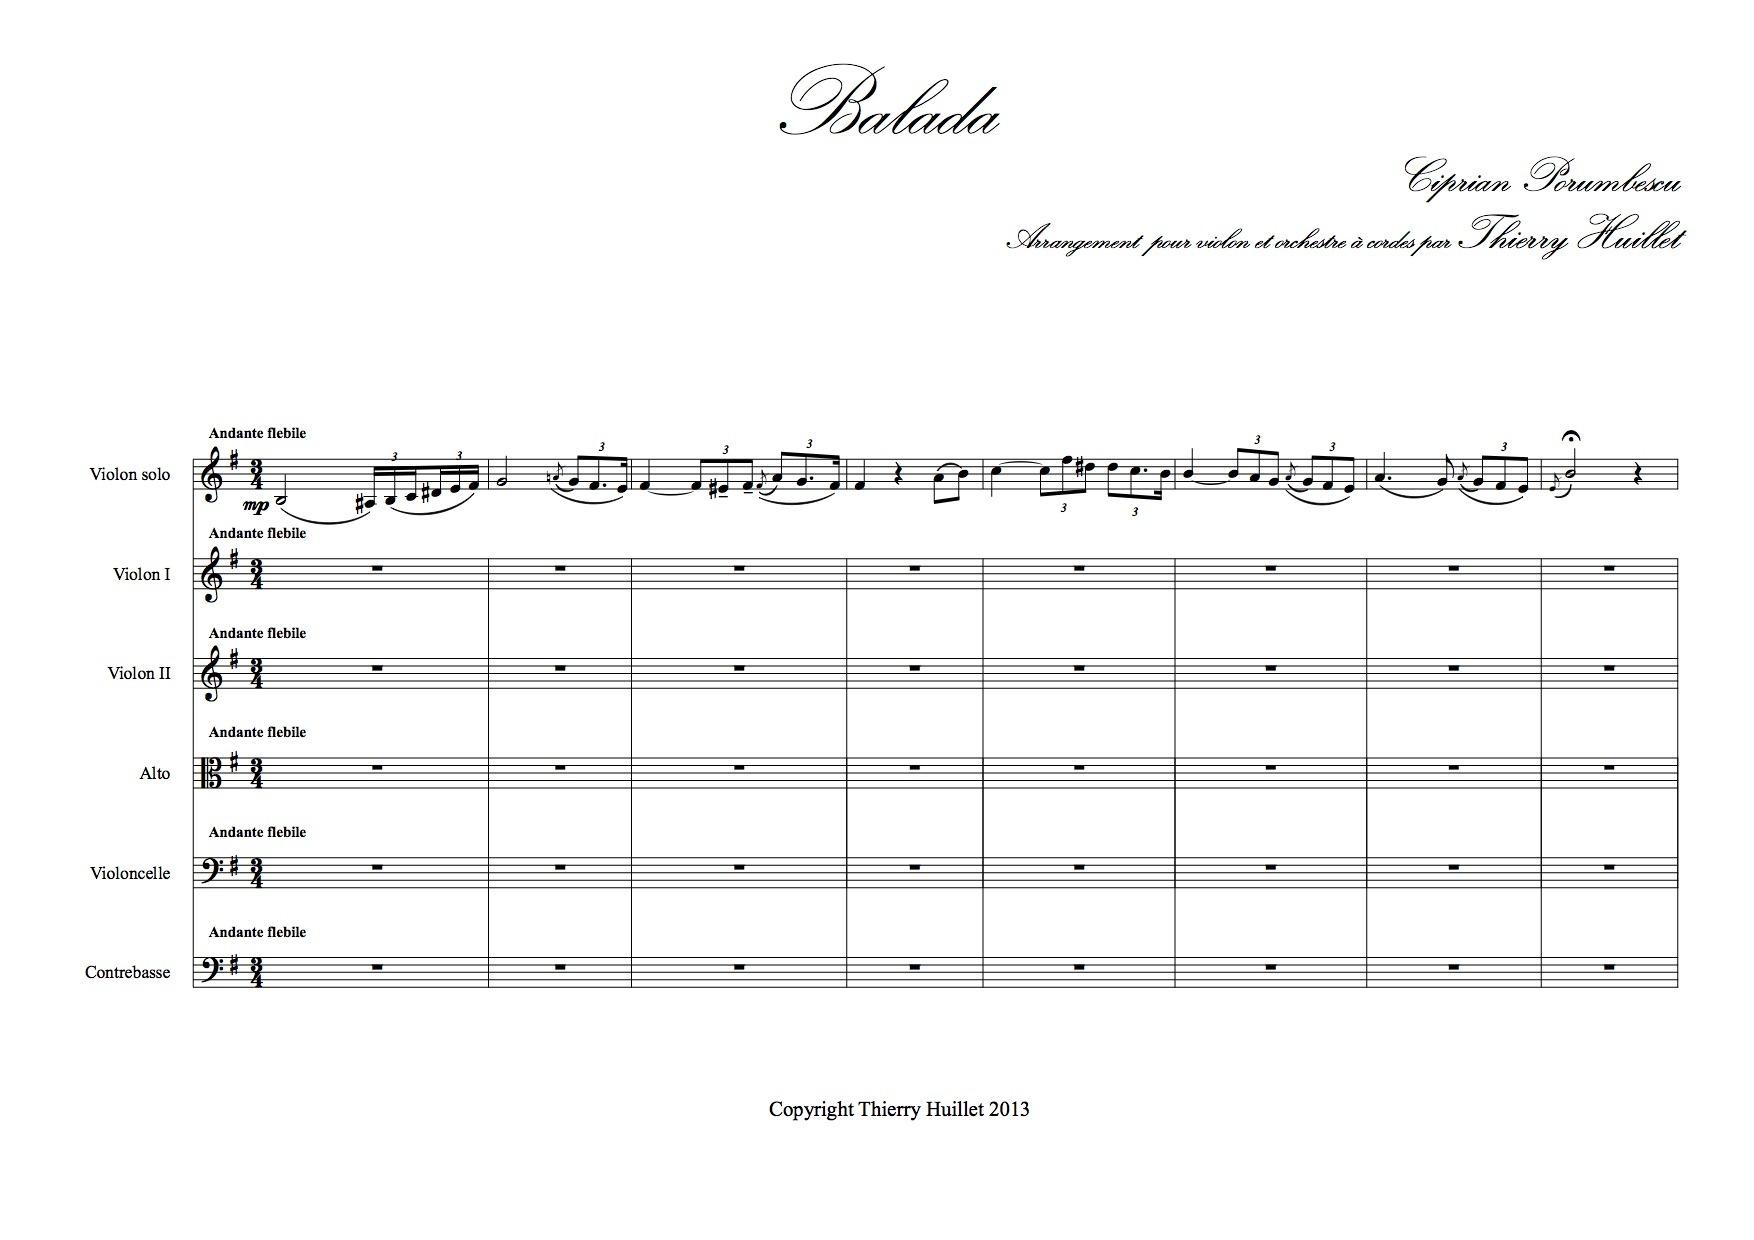 Thierryhuillet Baladaviolinstringorchestrawithorwithoutflute Scoreparts2